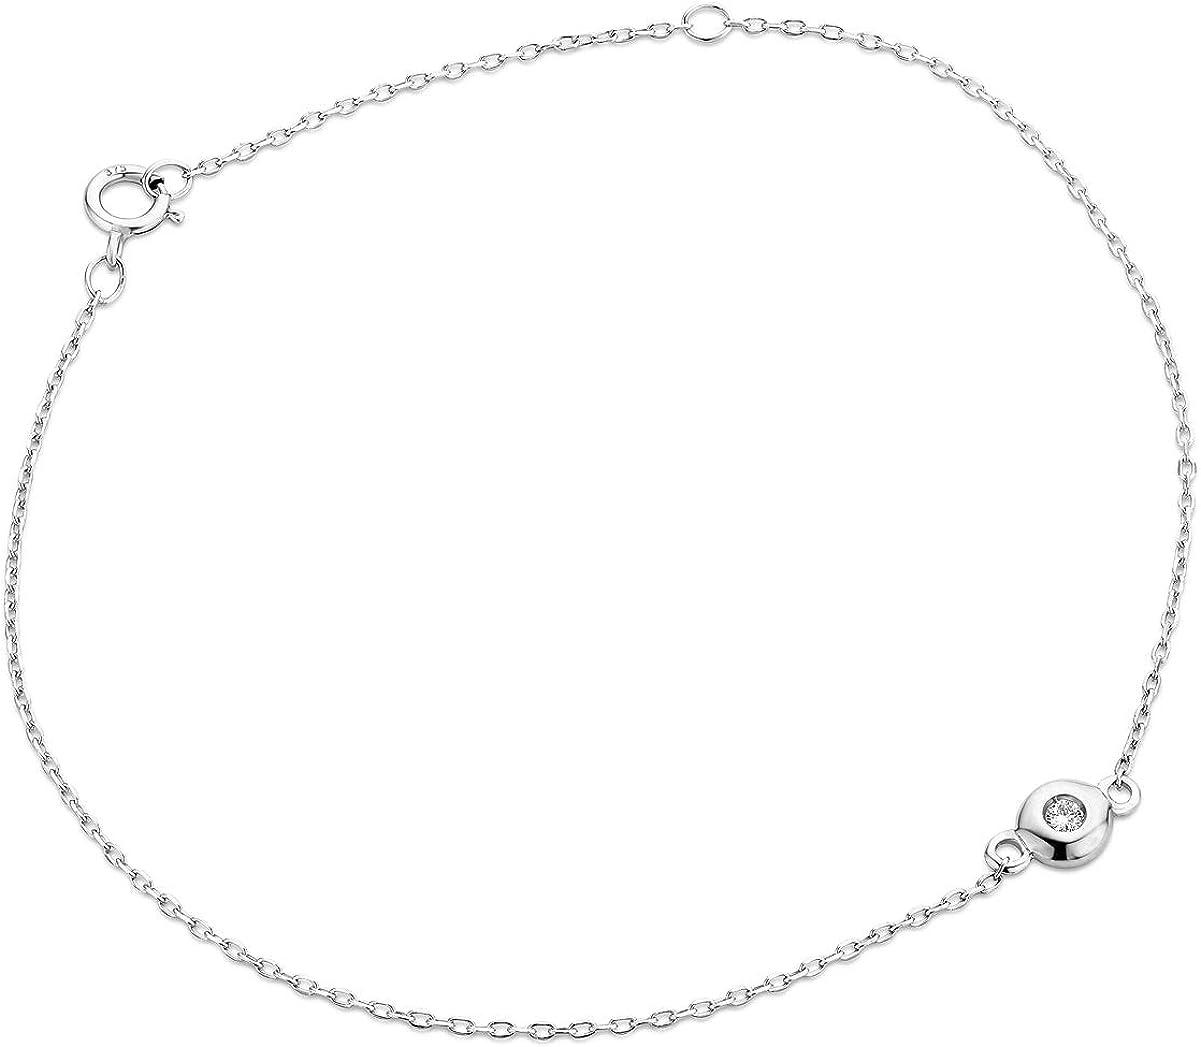 Miore - Pulsera de diamante para mujer, cadena de ancla con diamante somilitar de 0,03 ct, oro blanco de 9 quilates/375, longitud de 18,5 cm